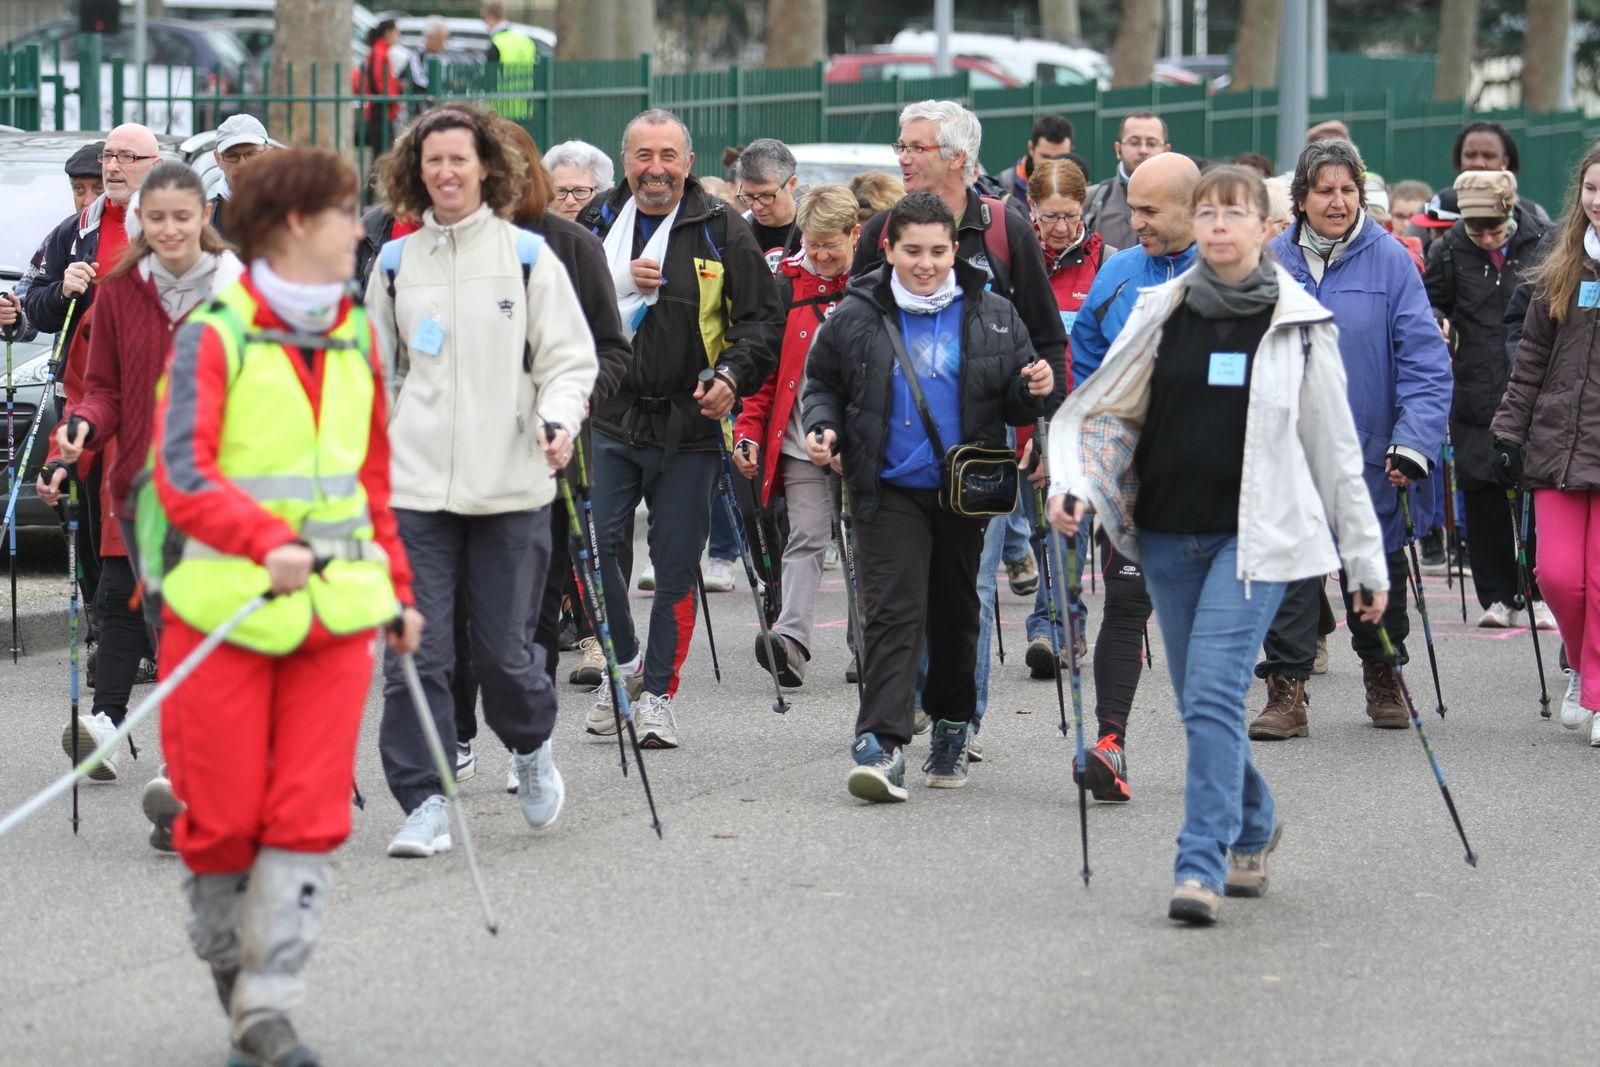 LA 5è édition de la marche n'a pas battu des records de participation mais des records de vitesse